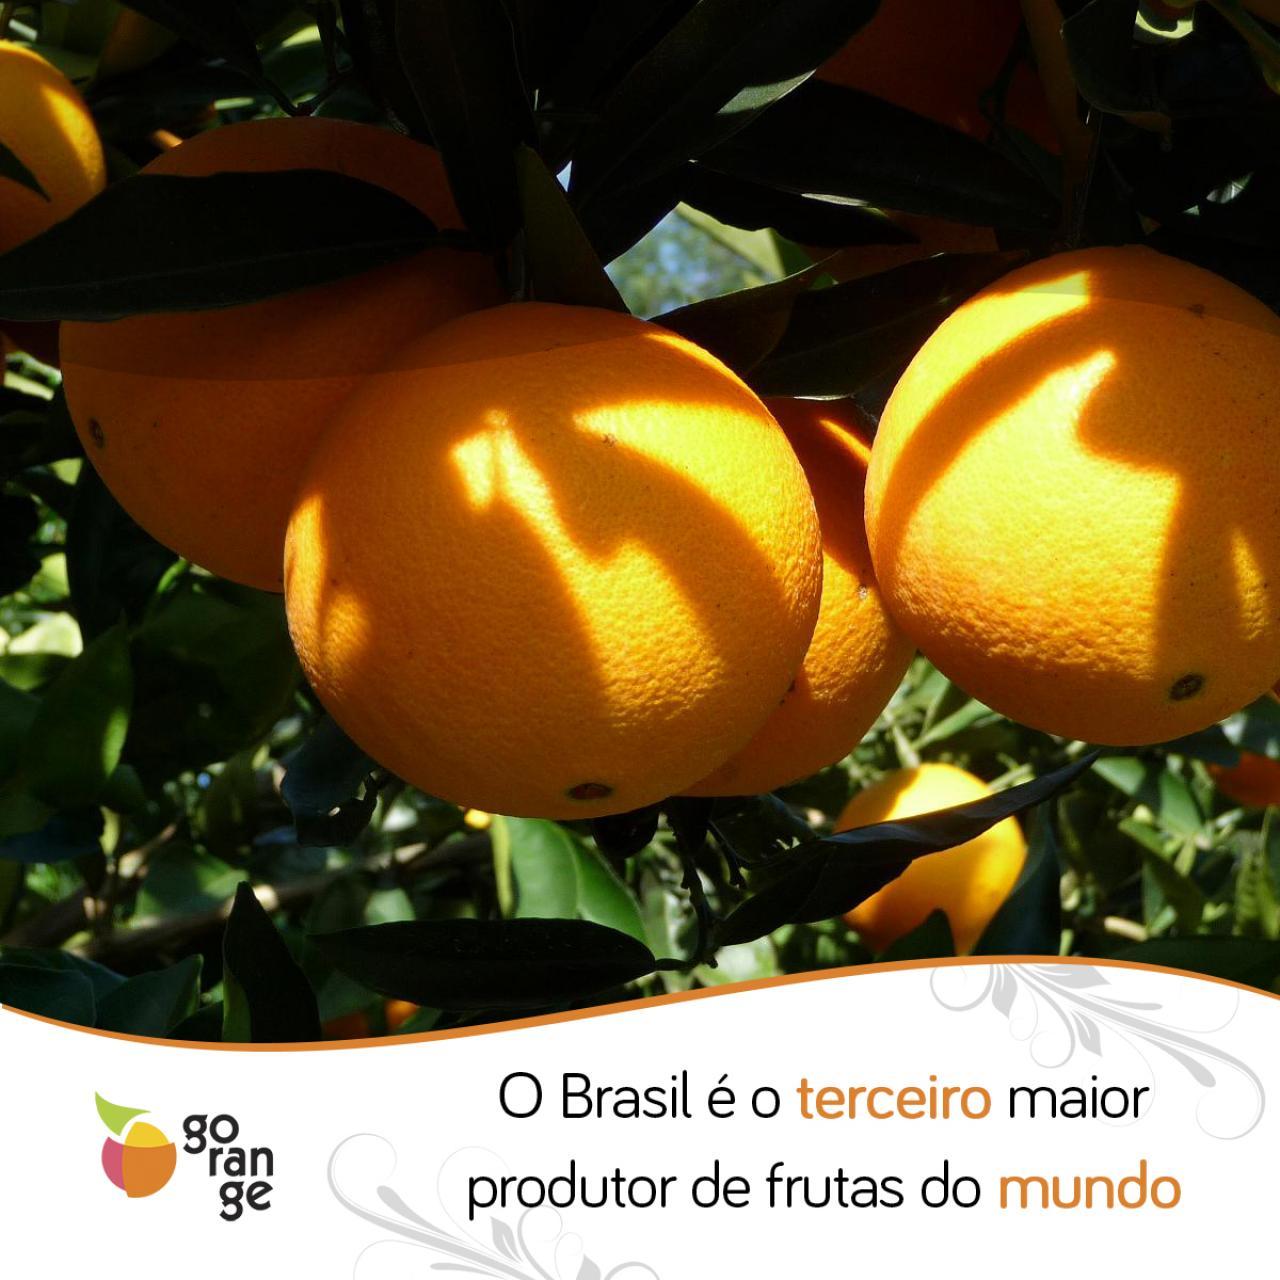 Brasil é o terceiro maior produtor de frutas do mundo